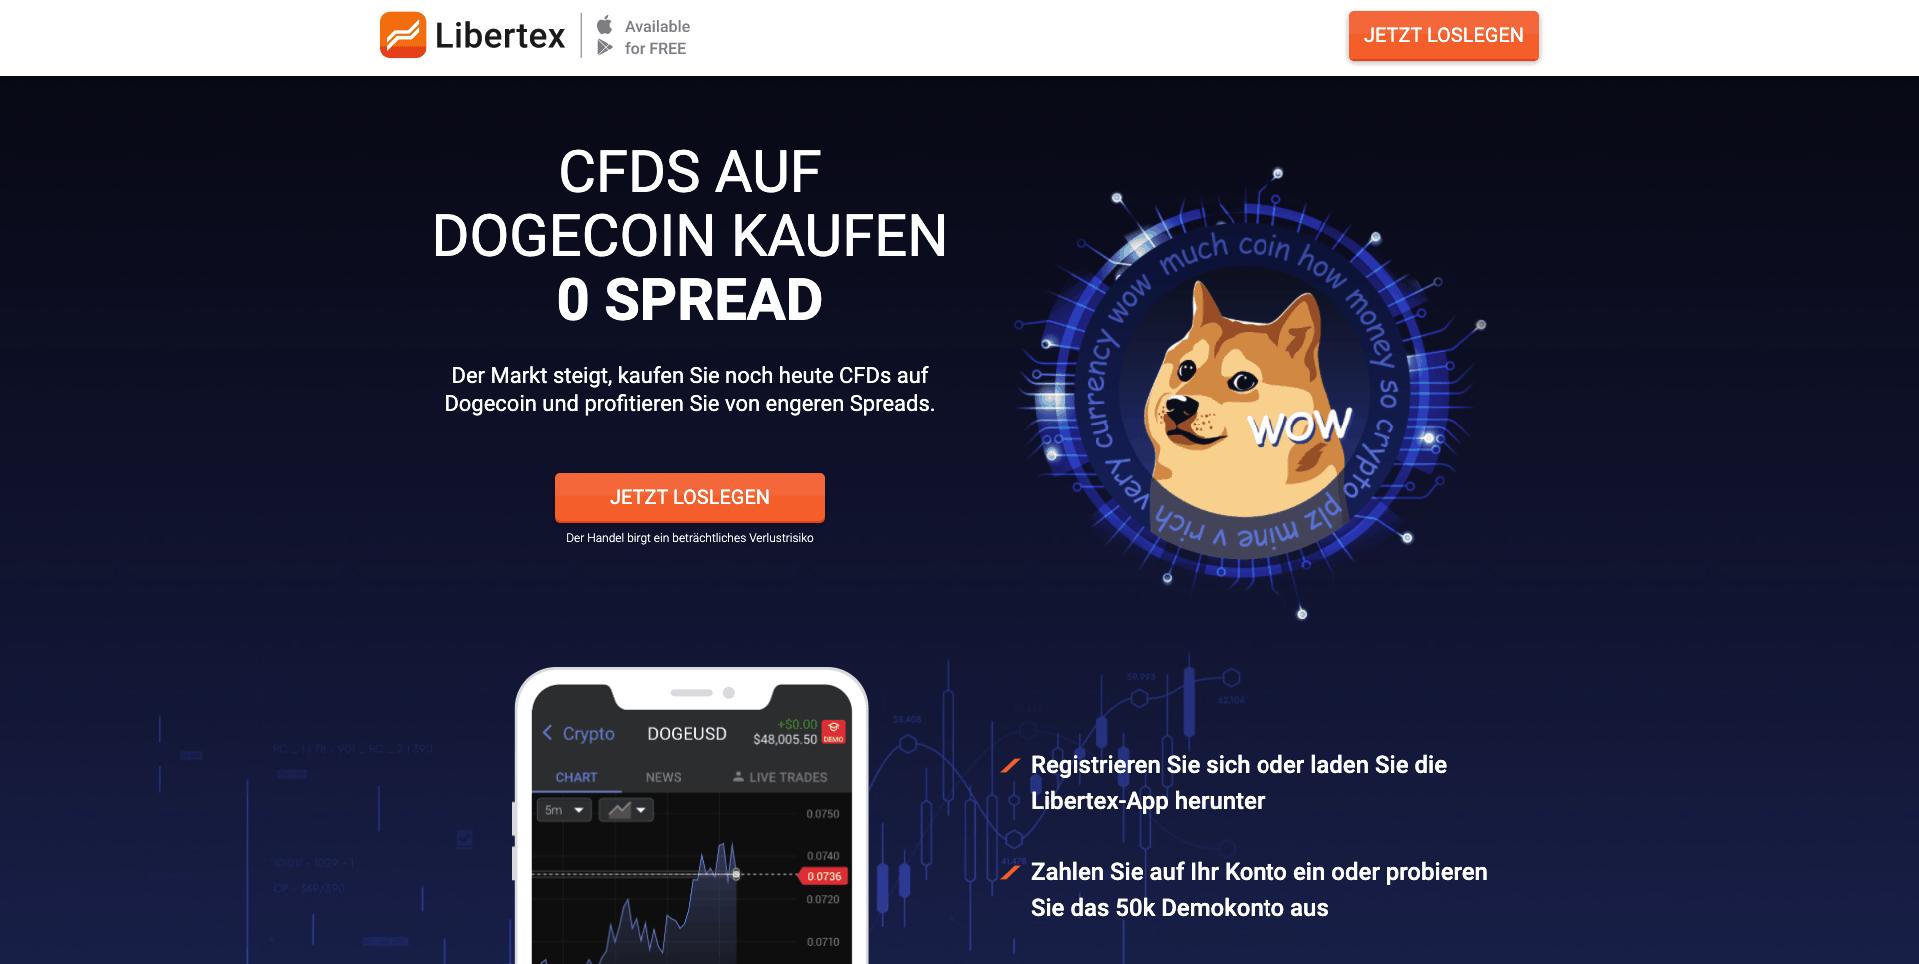 Dogecoin CFDs